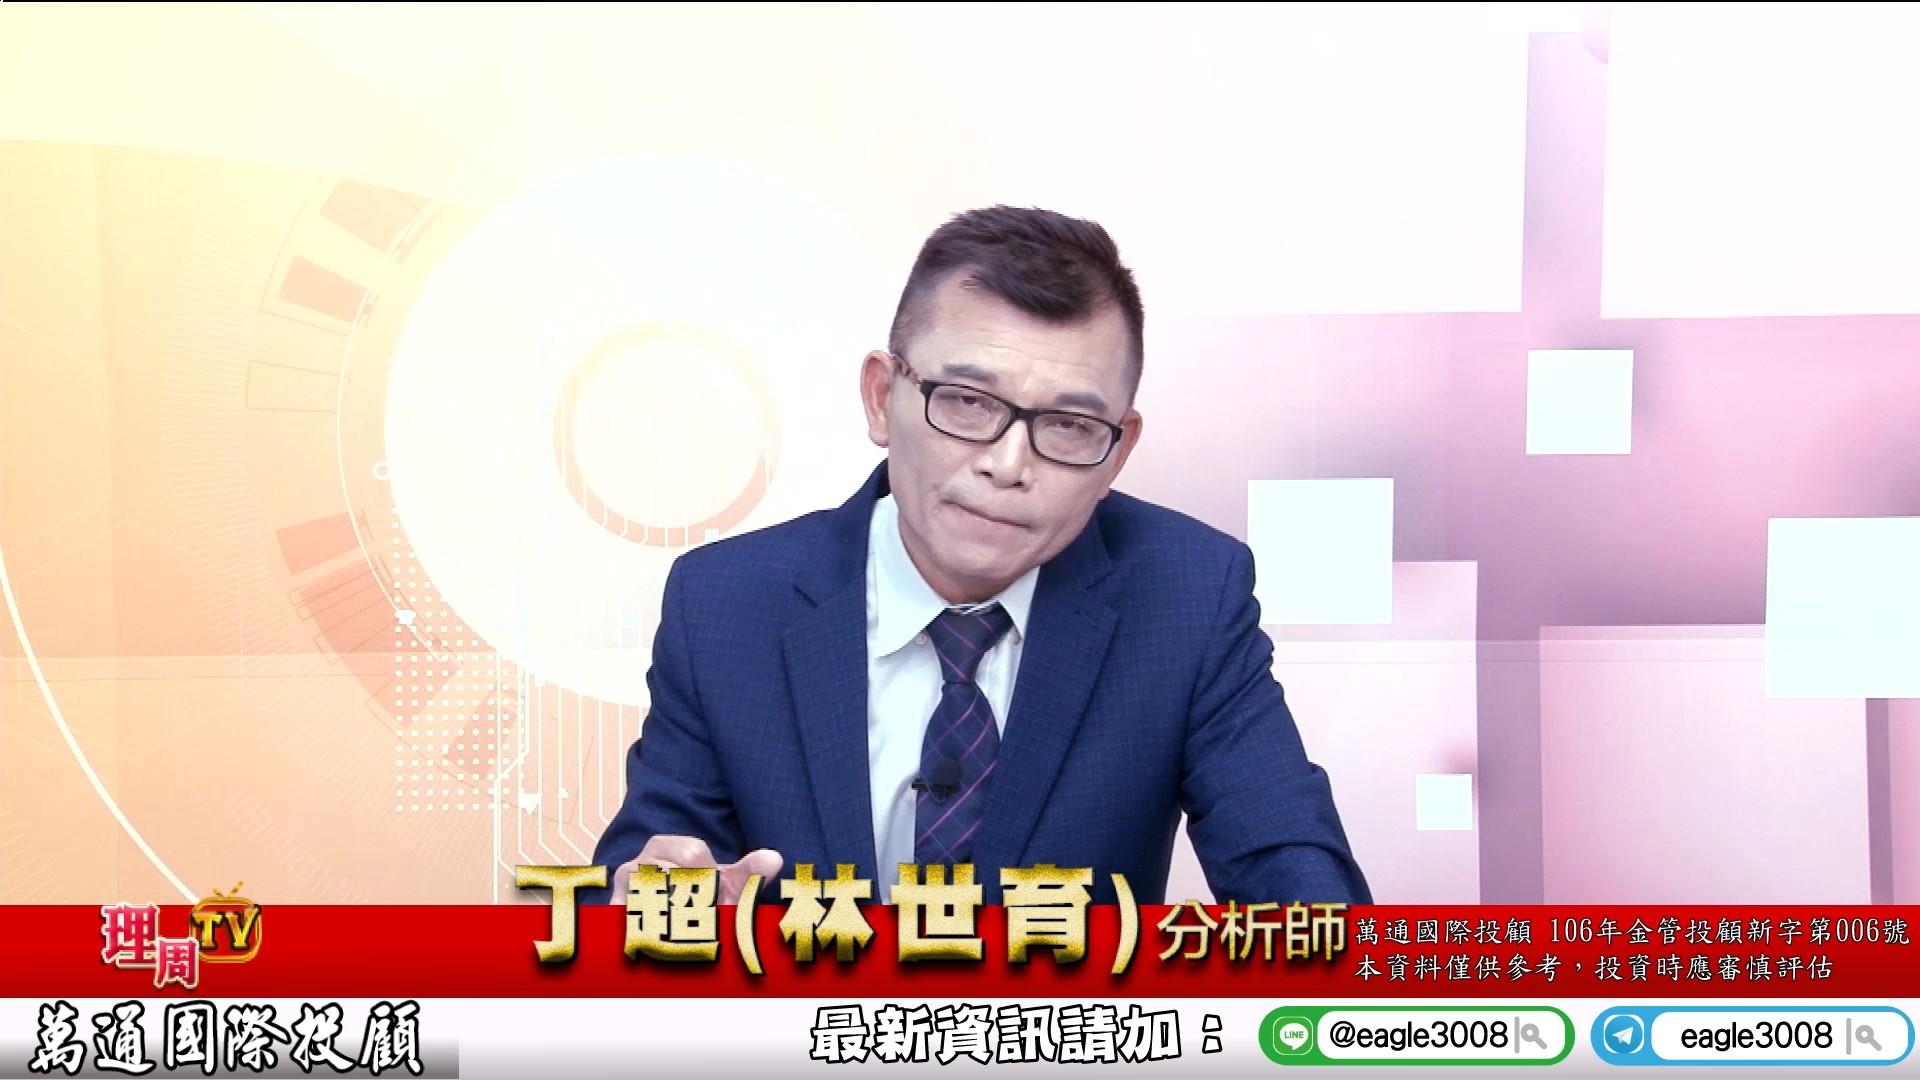 0226_國巨 華新科大跌 市場怎麼看 操作應多看少做